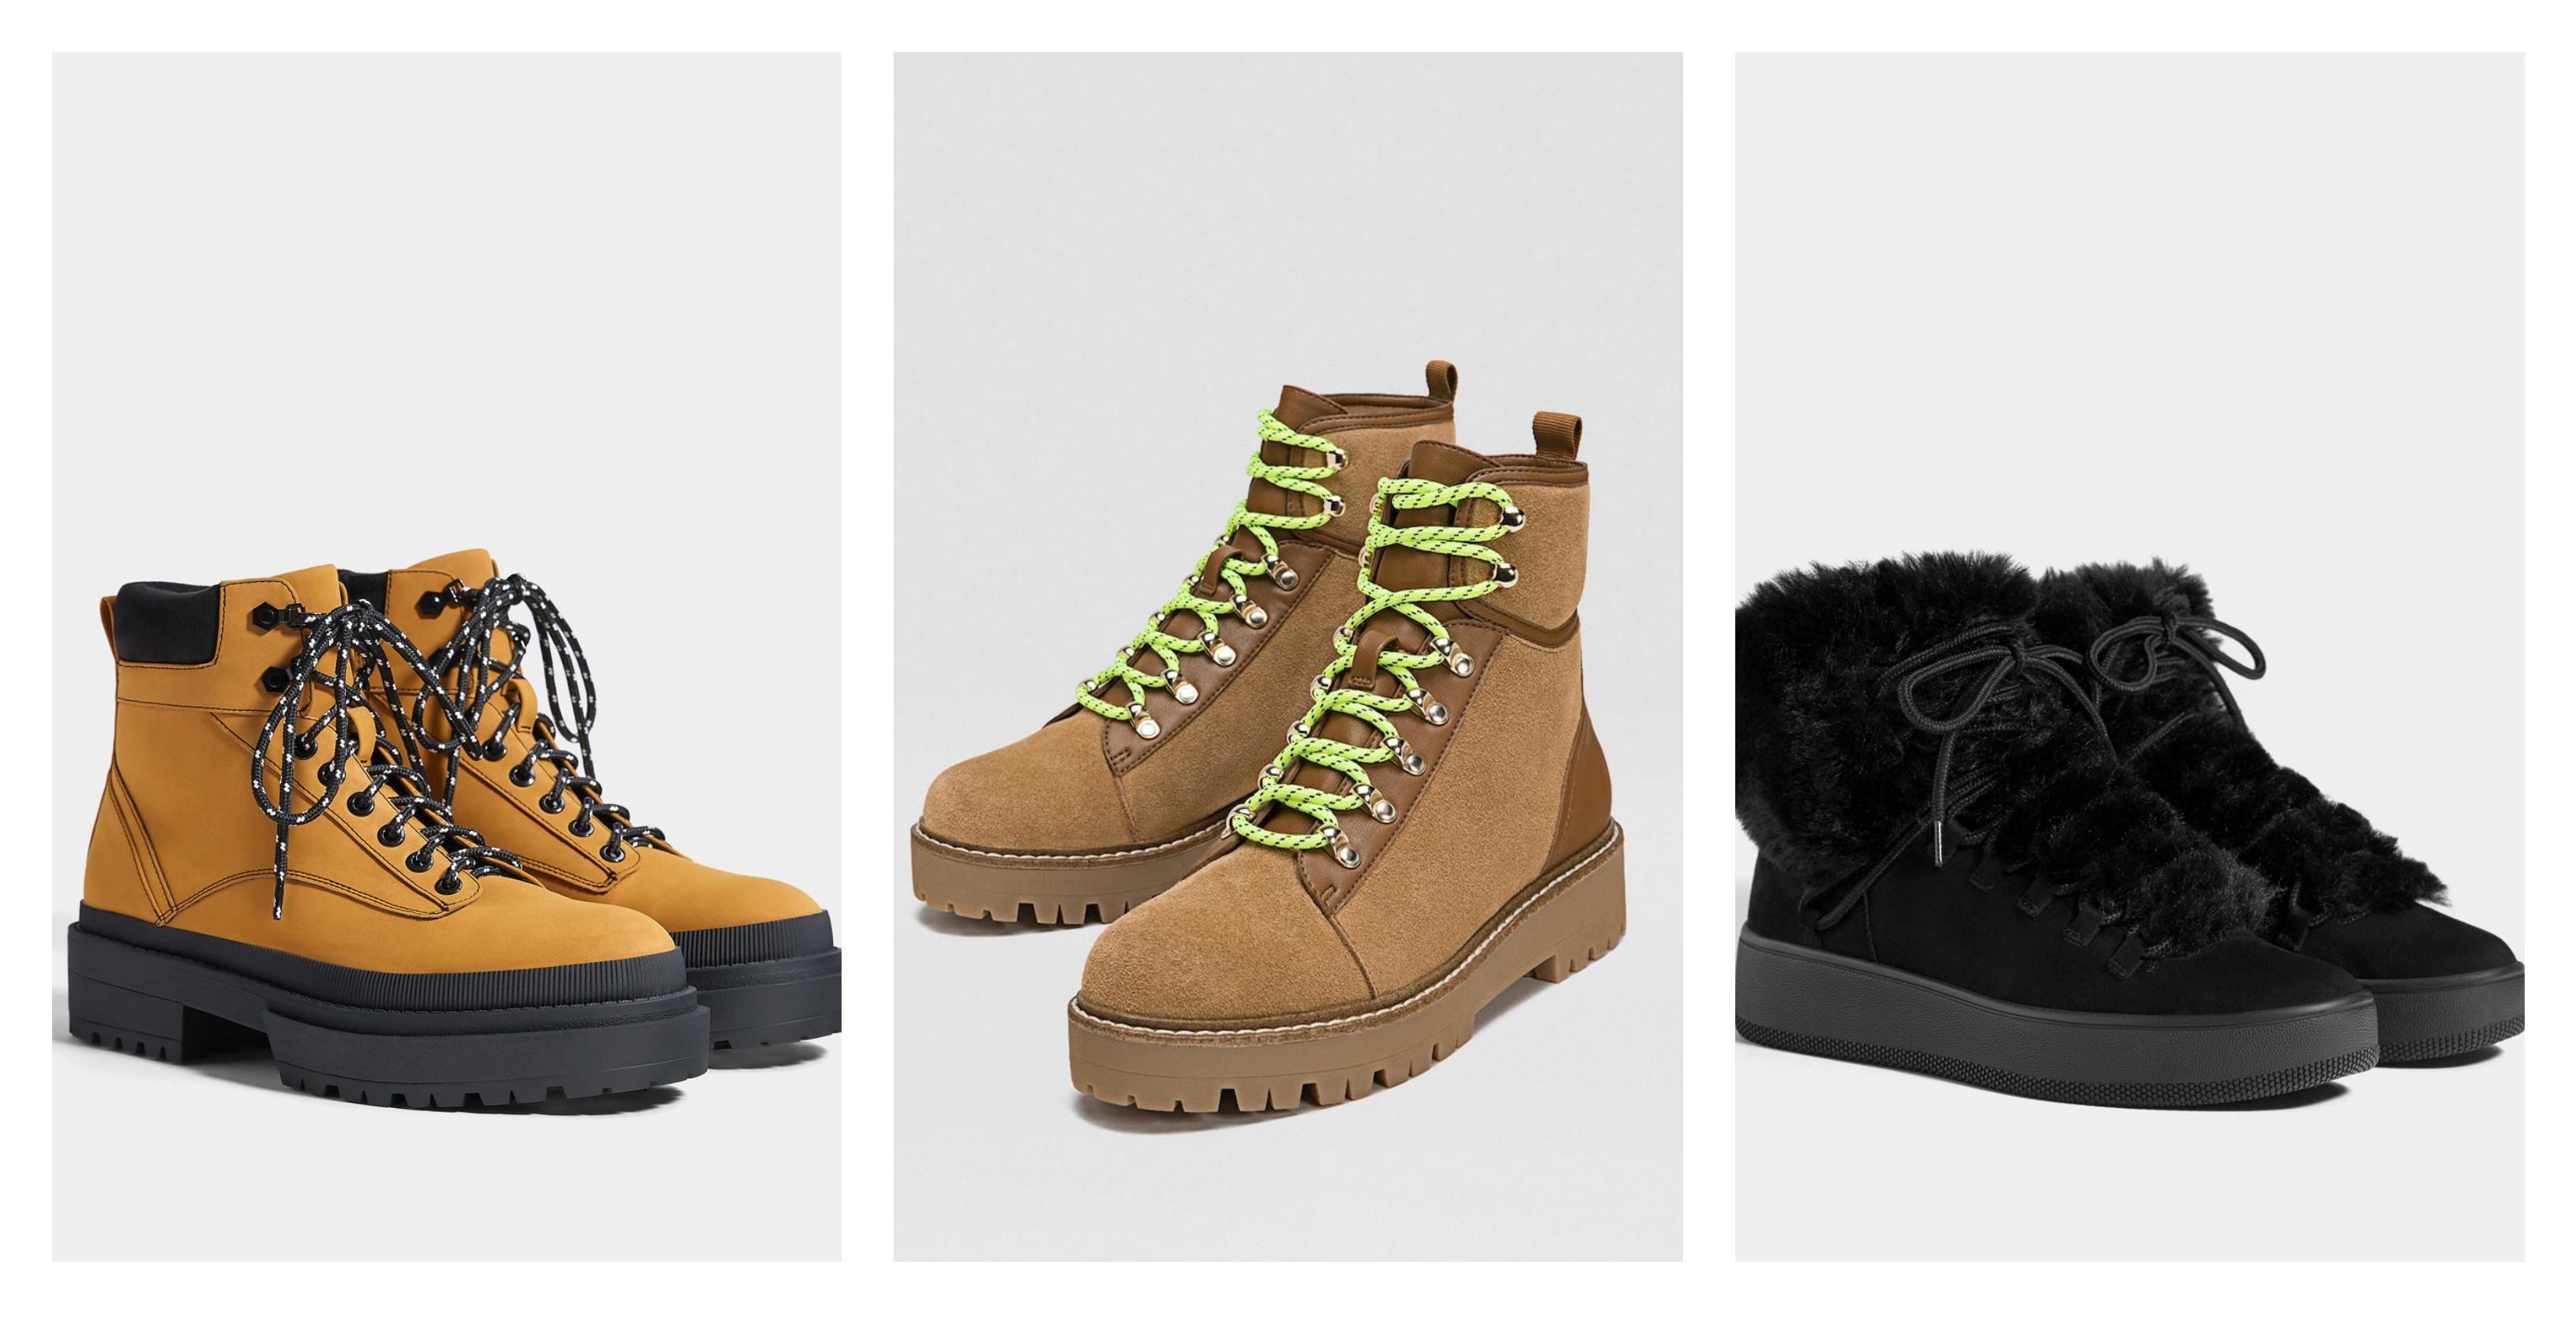 Budite stylish i na snijegu: Izabrali smo najljepše čizme za zimsko razdoblje!